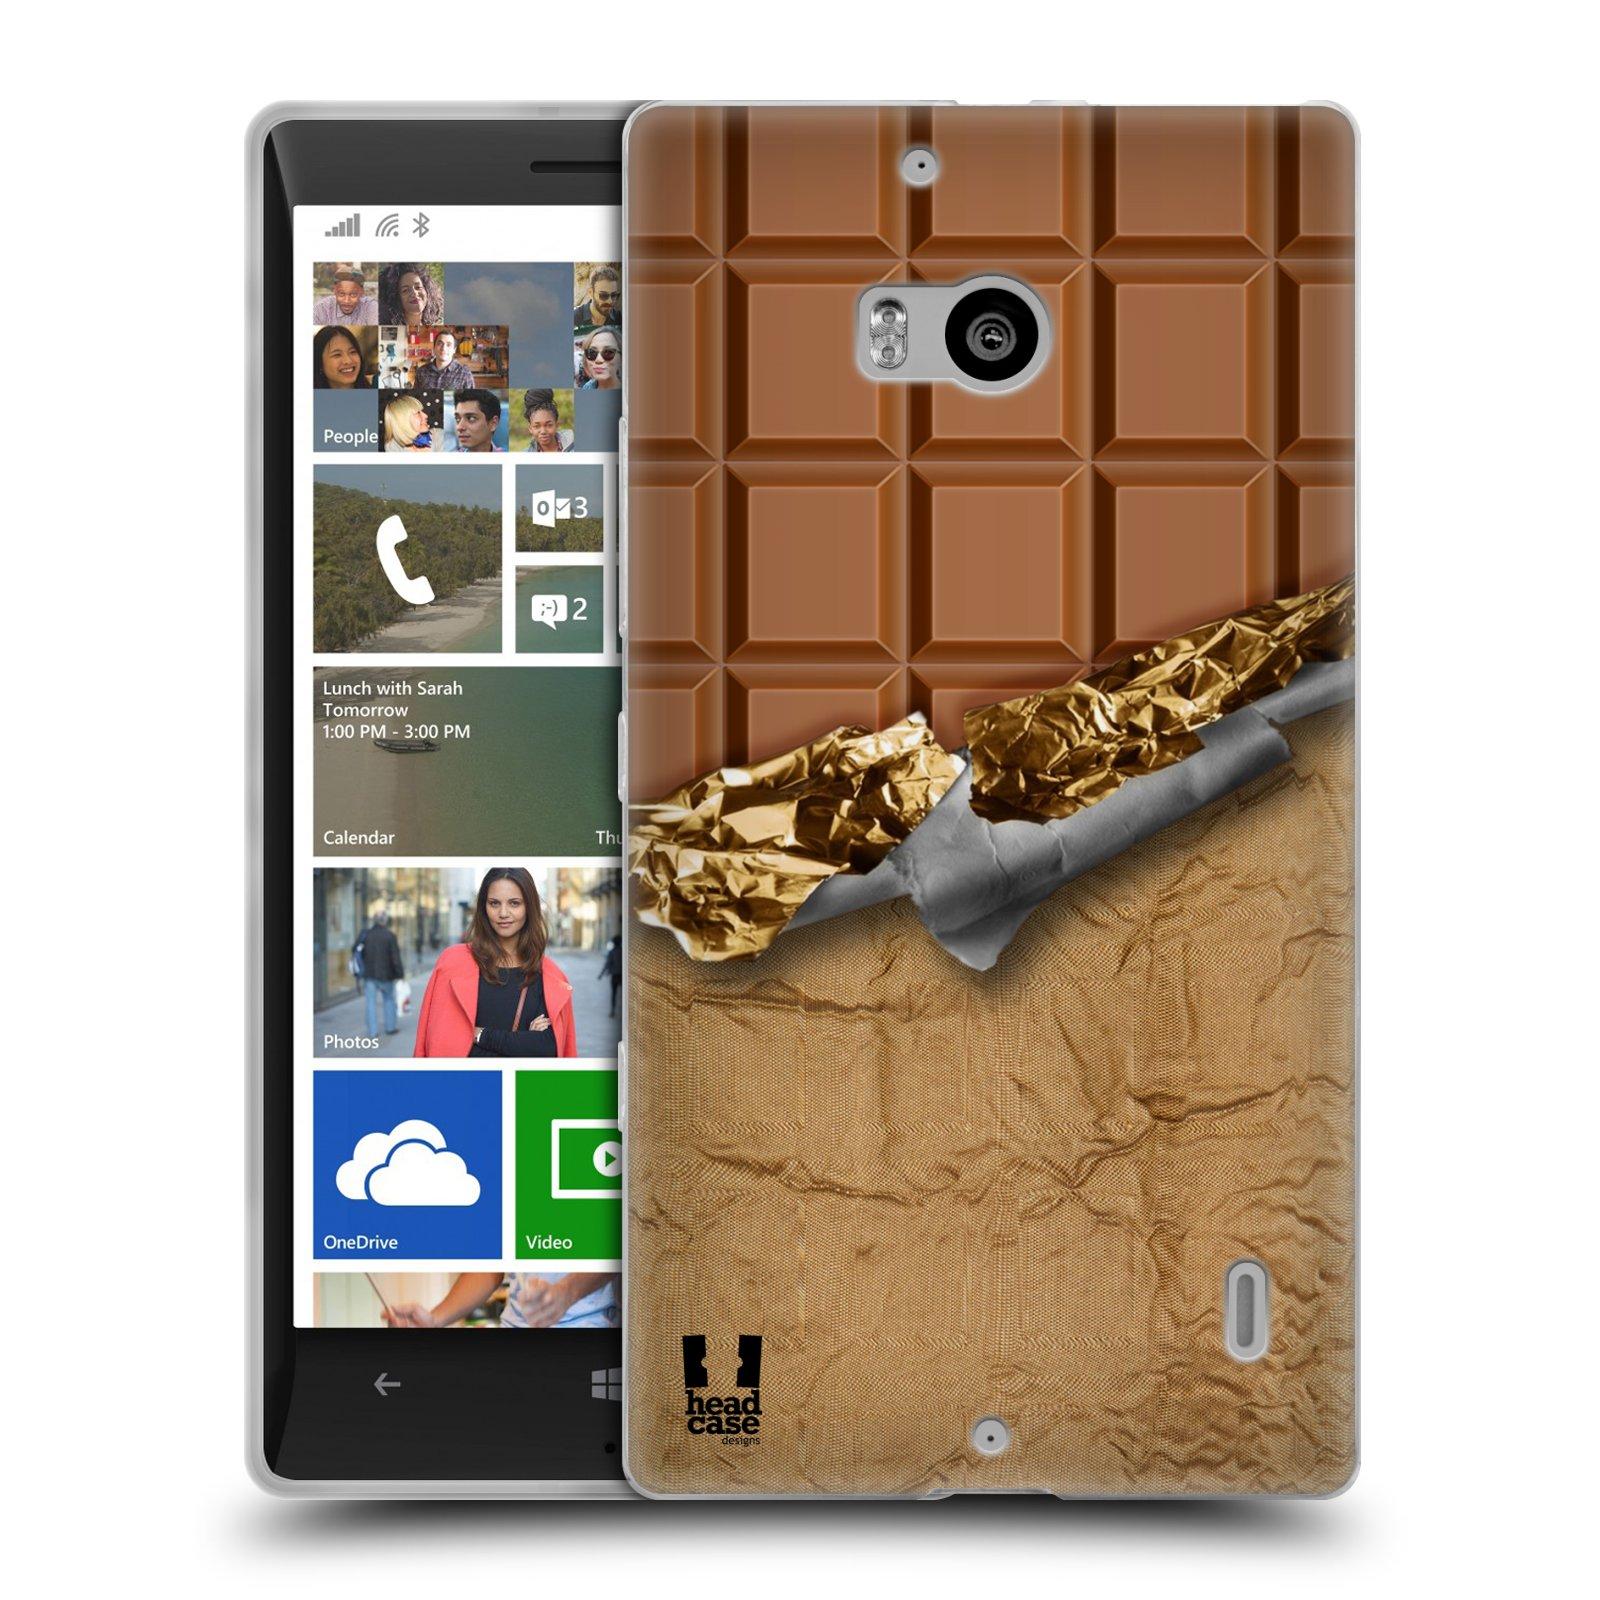 Silikonové pouzdro na mobil Nokia Lumia 930 HEAD CASE ČOKOFOILED (Silikonový kryt či obal na mobilní telefon Nokia Lumia 930)